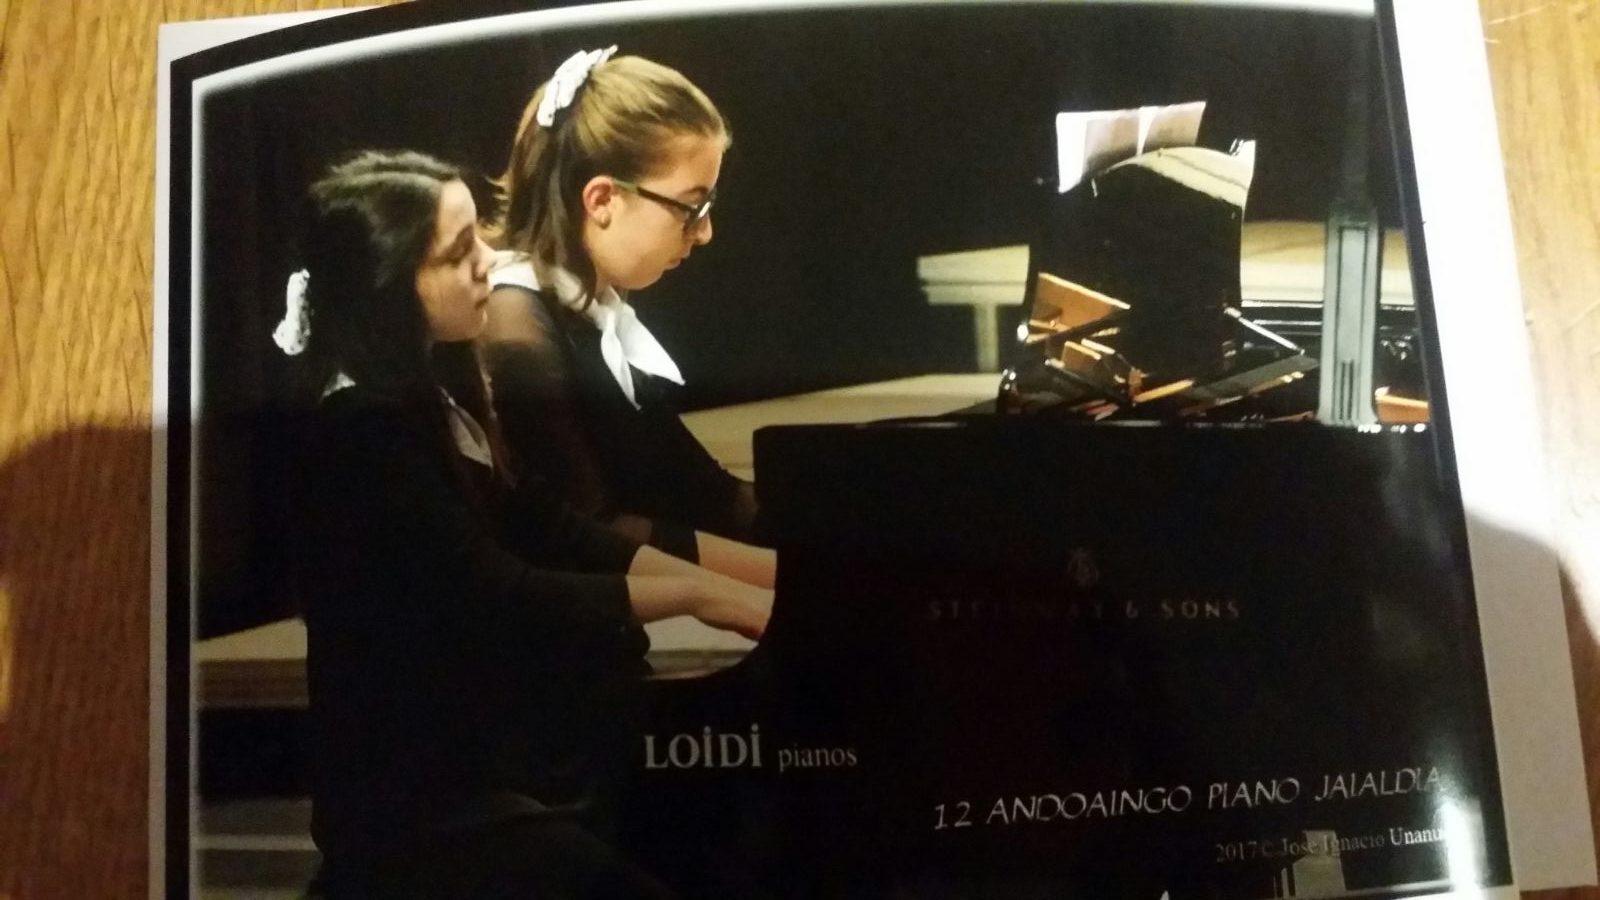 Andoaingo  XI.  Piano  Jaialdian  SARITUAK!